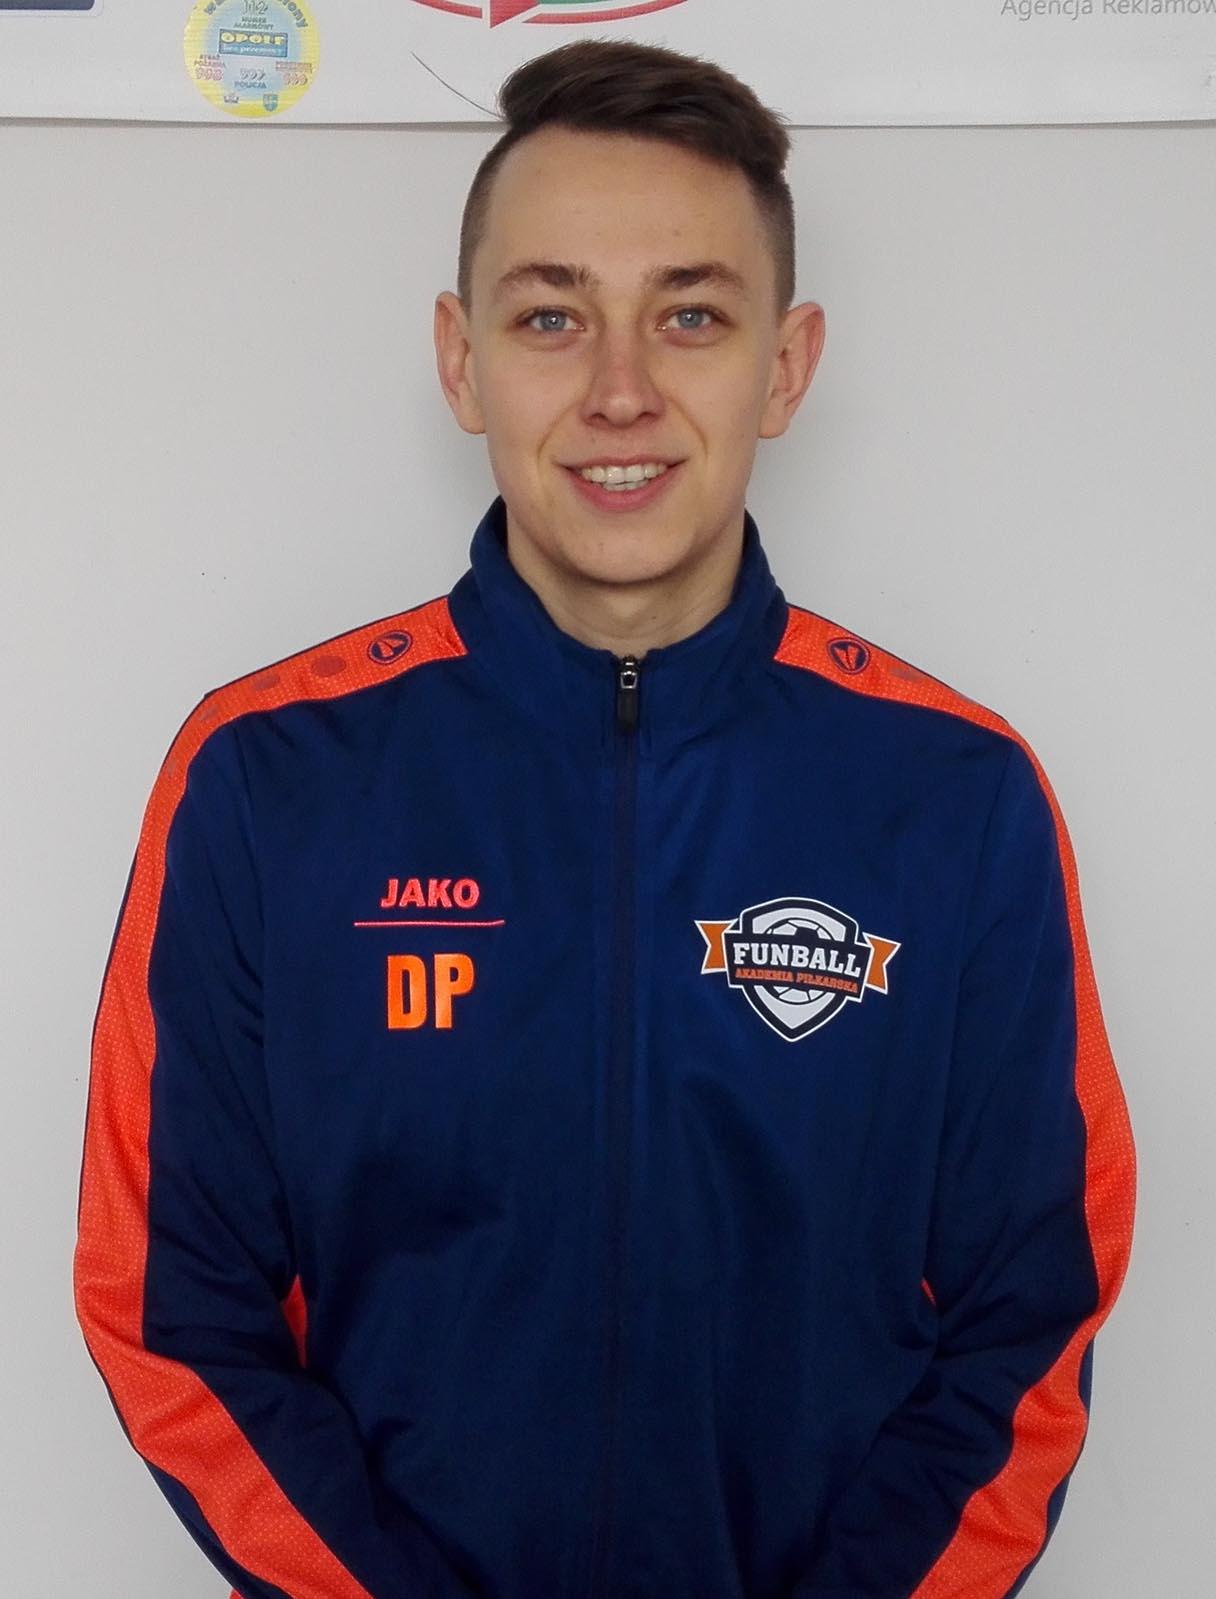 Daniel Pendziałek